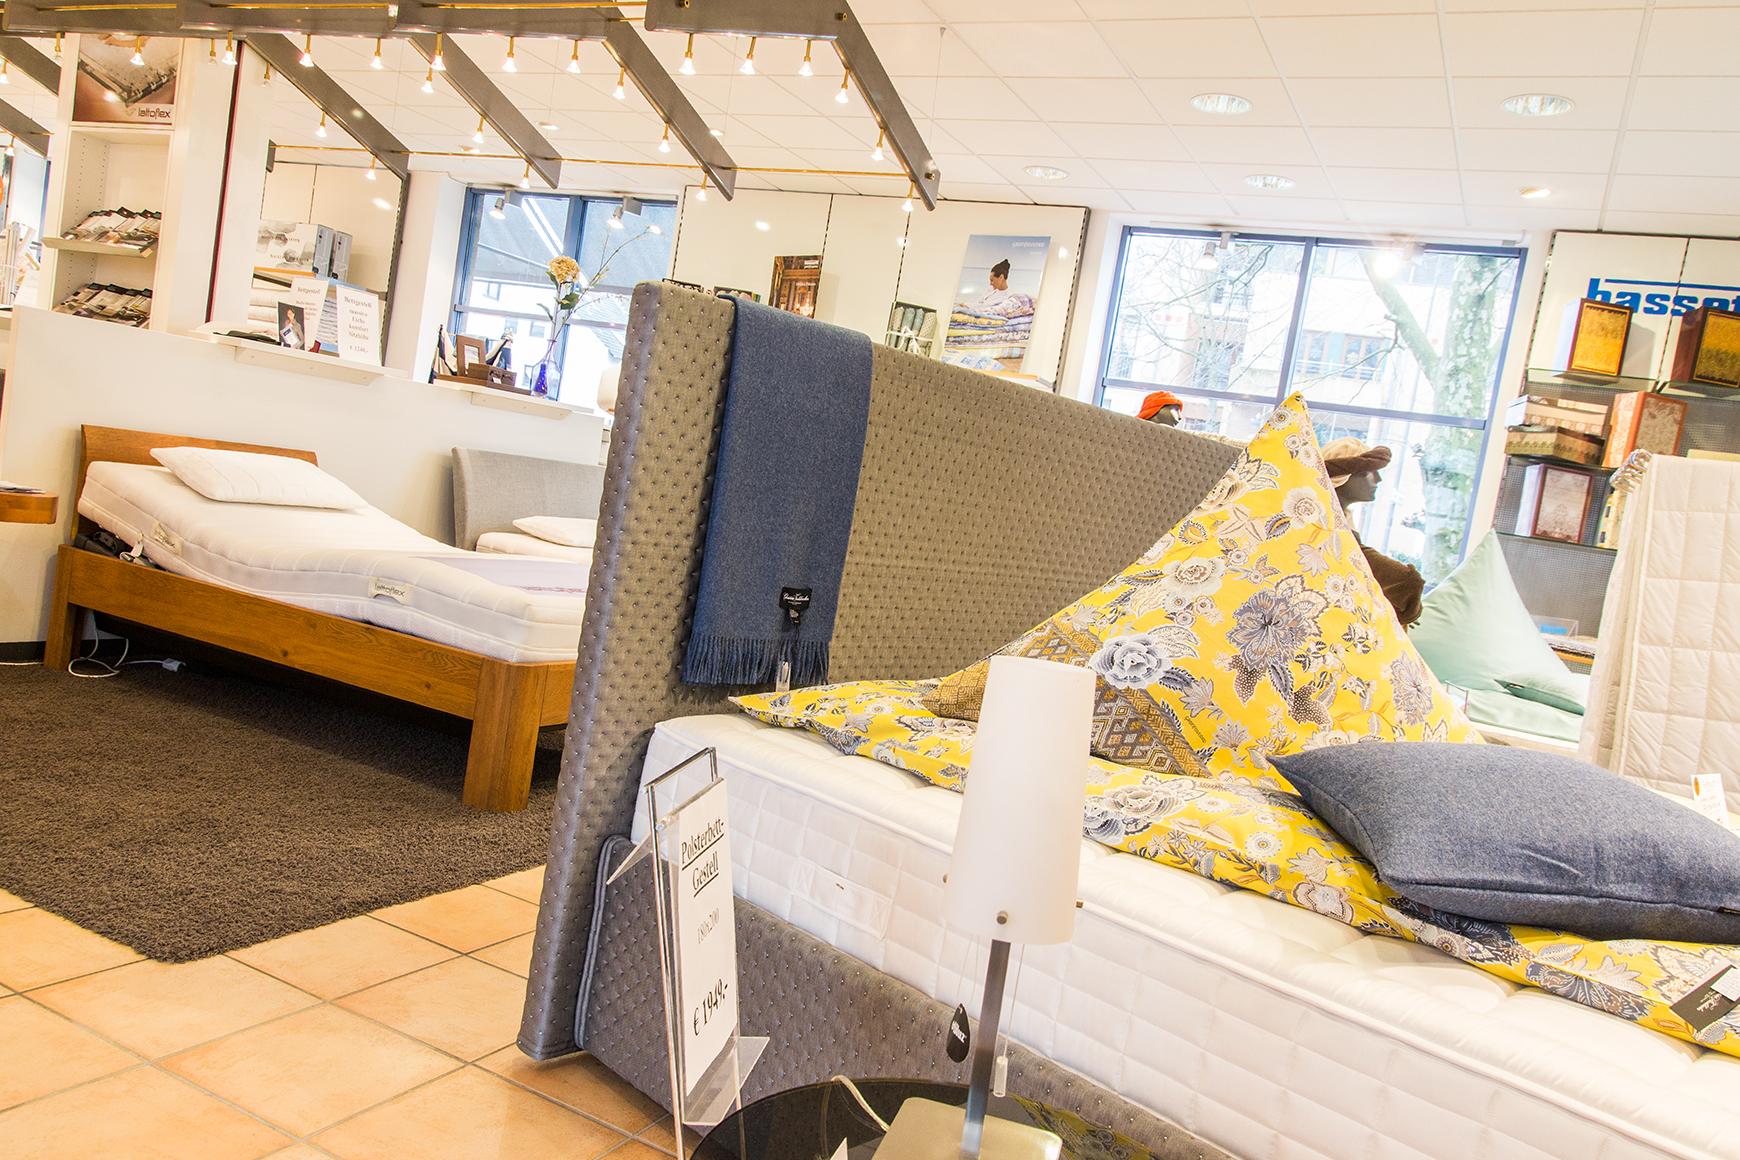 ber uns das bett kuckenberg bettengesch ft langenfeld. Black Bedroom Furniture Sets. Home Design Ideas